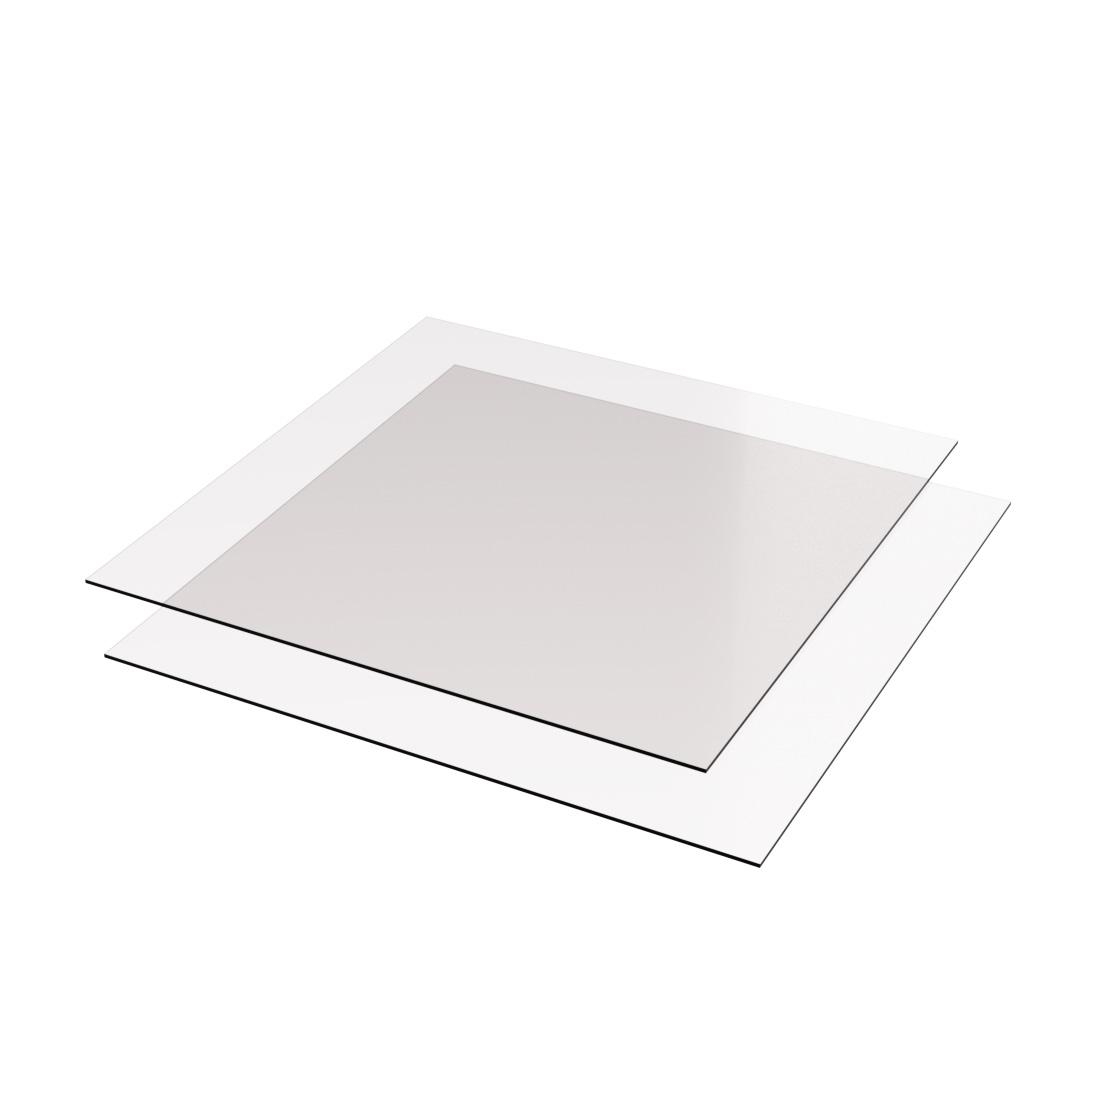 Vikunyl PVC Helder 0015 Eenzijdig antireflex 1400x1000x0,3mm